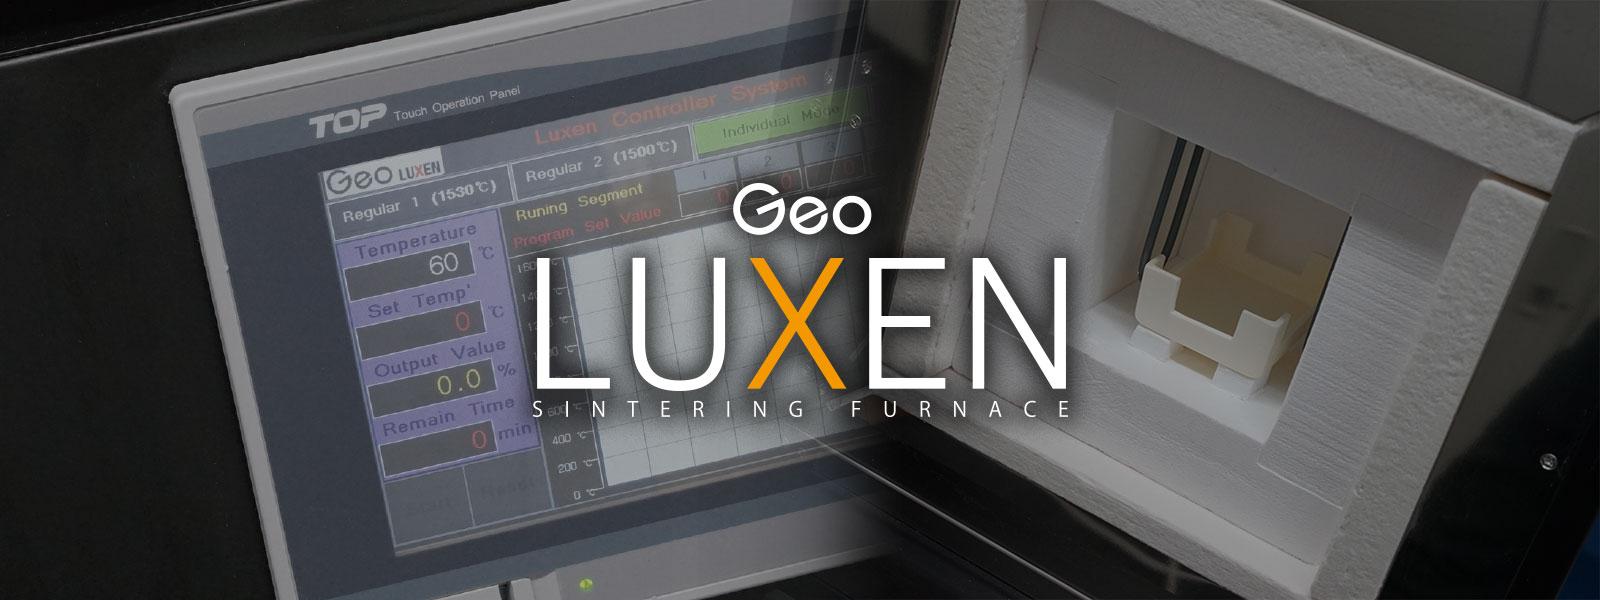 Geo Luxen Sintering Furnace